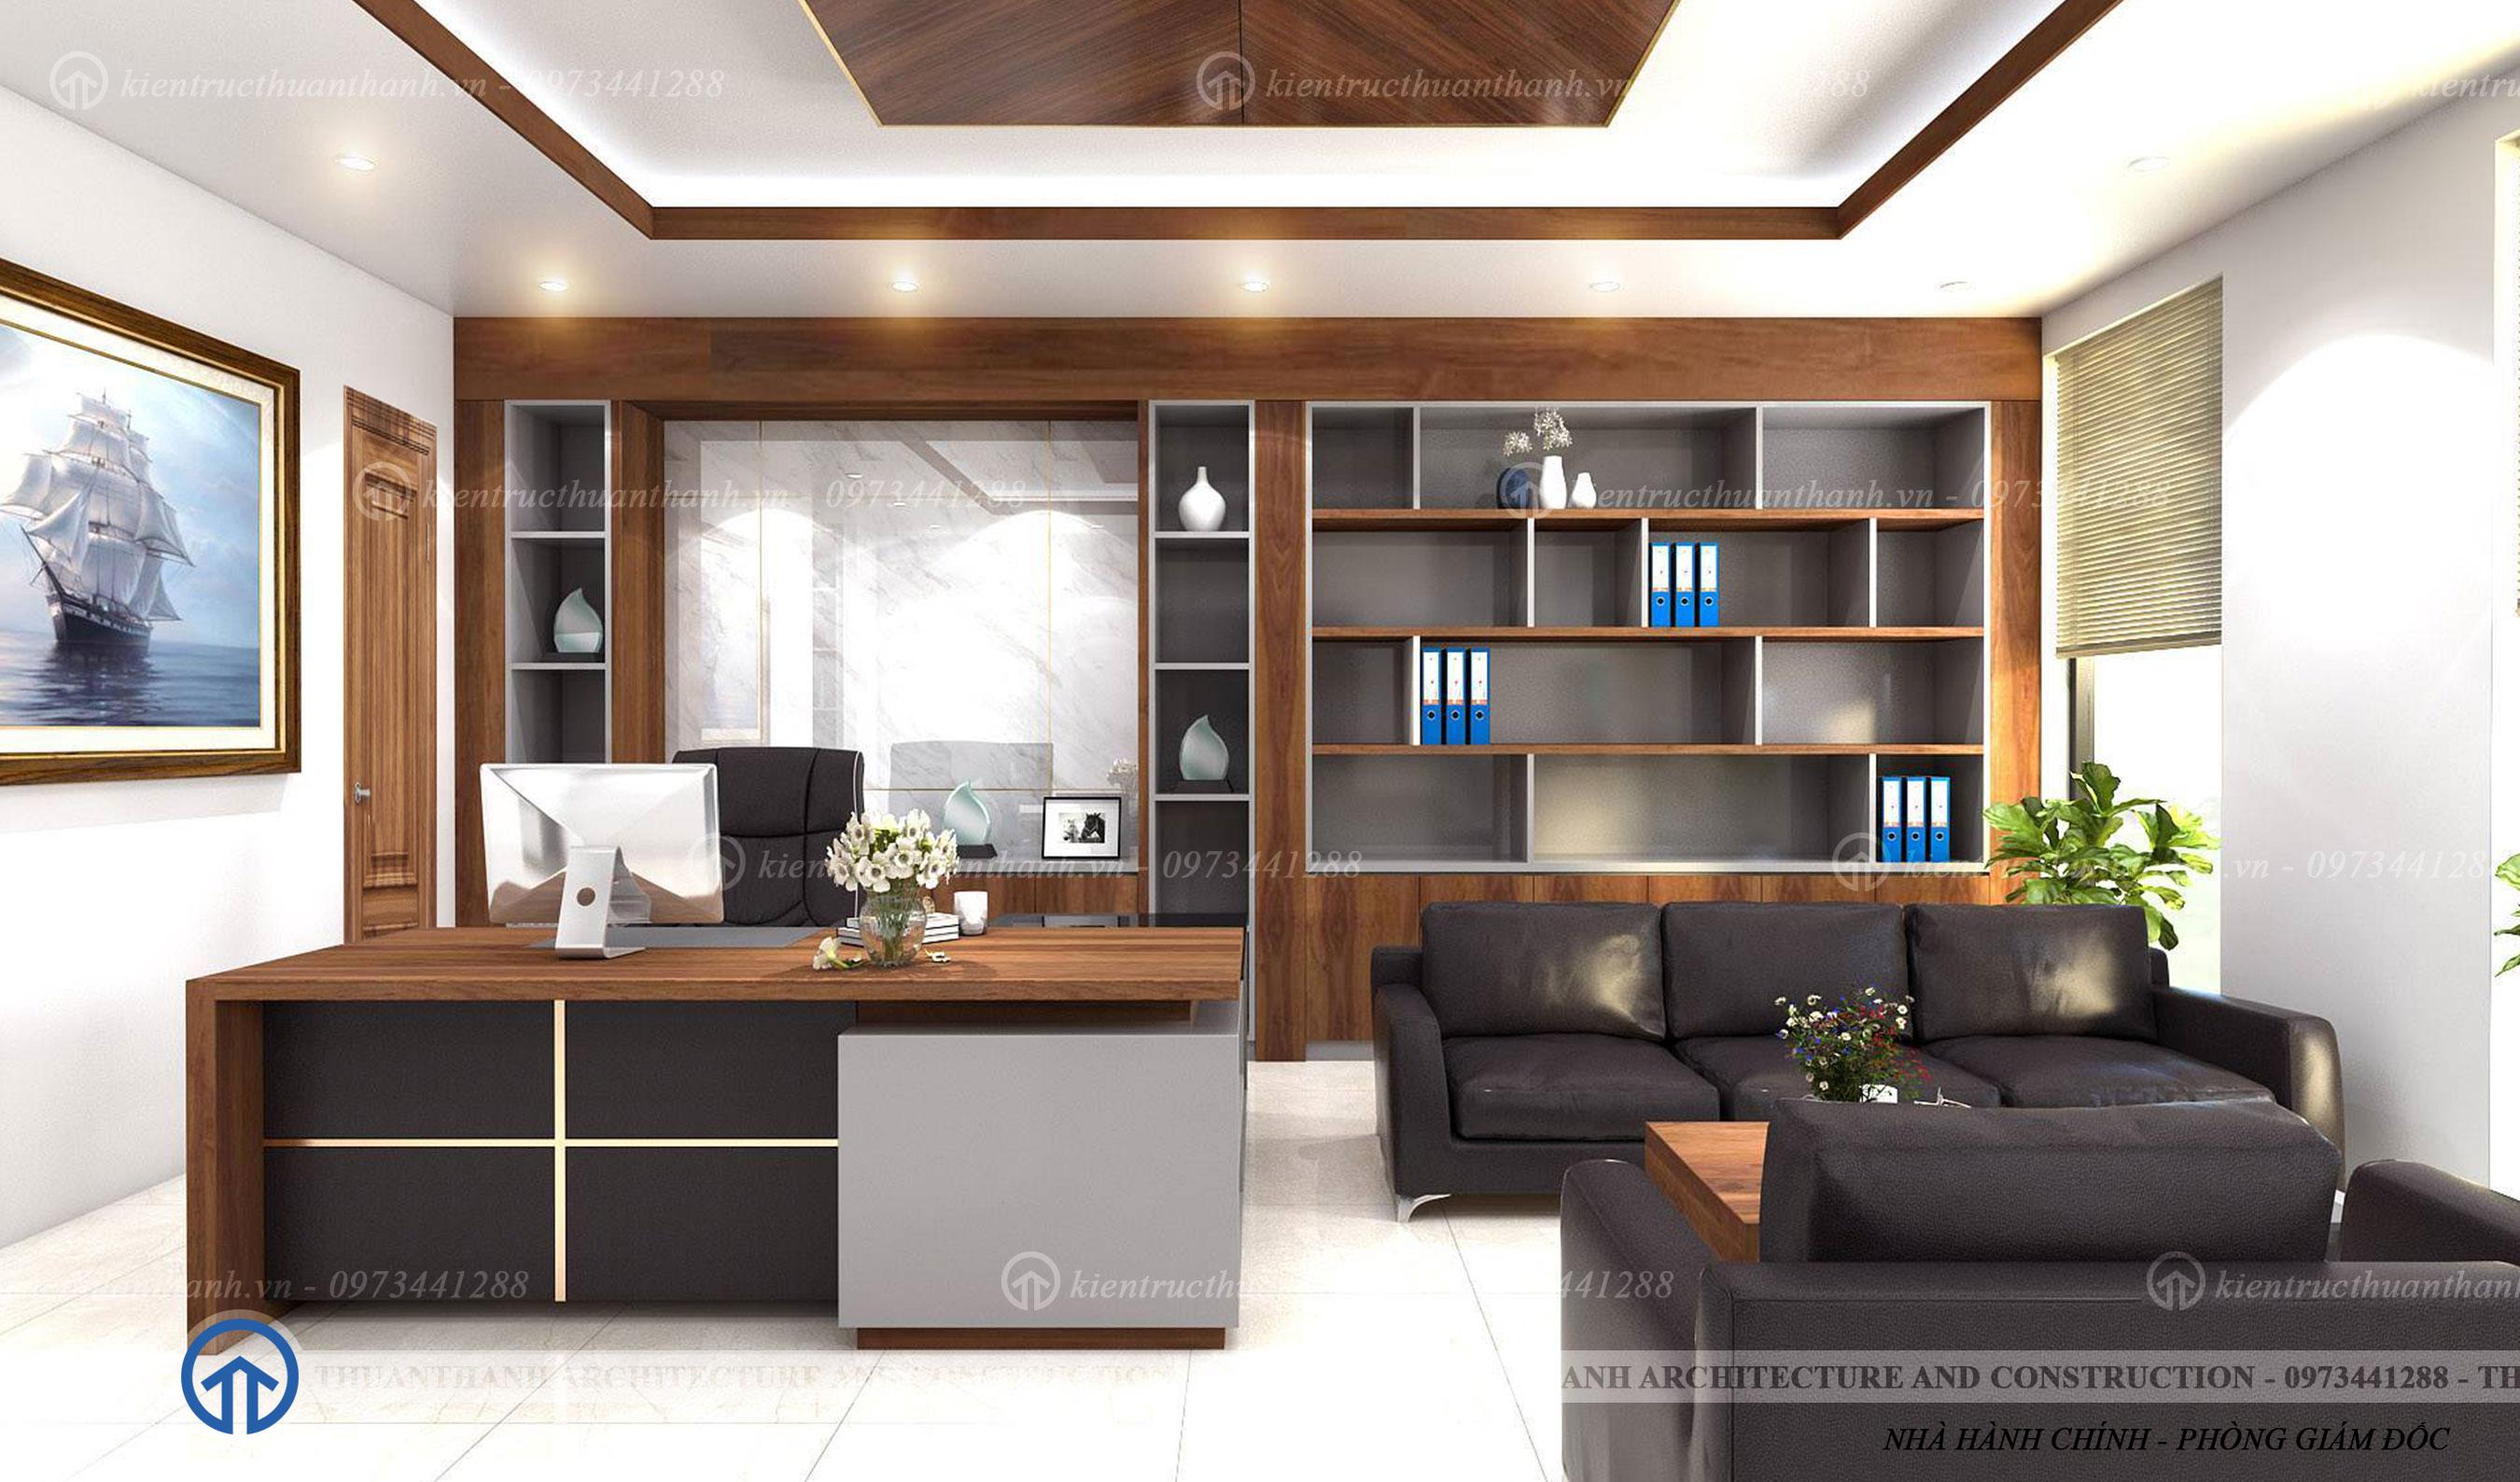 Thiết kế nội và ngoại thất